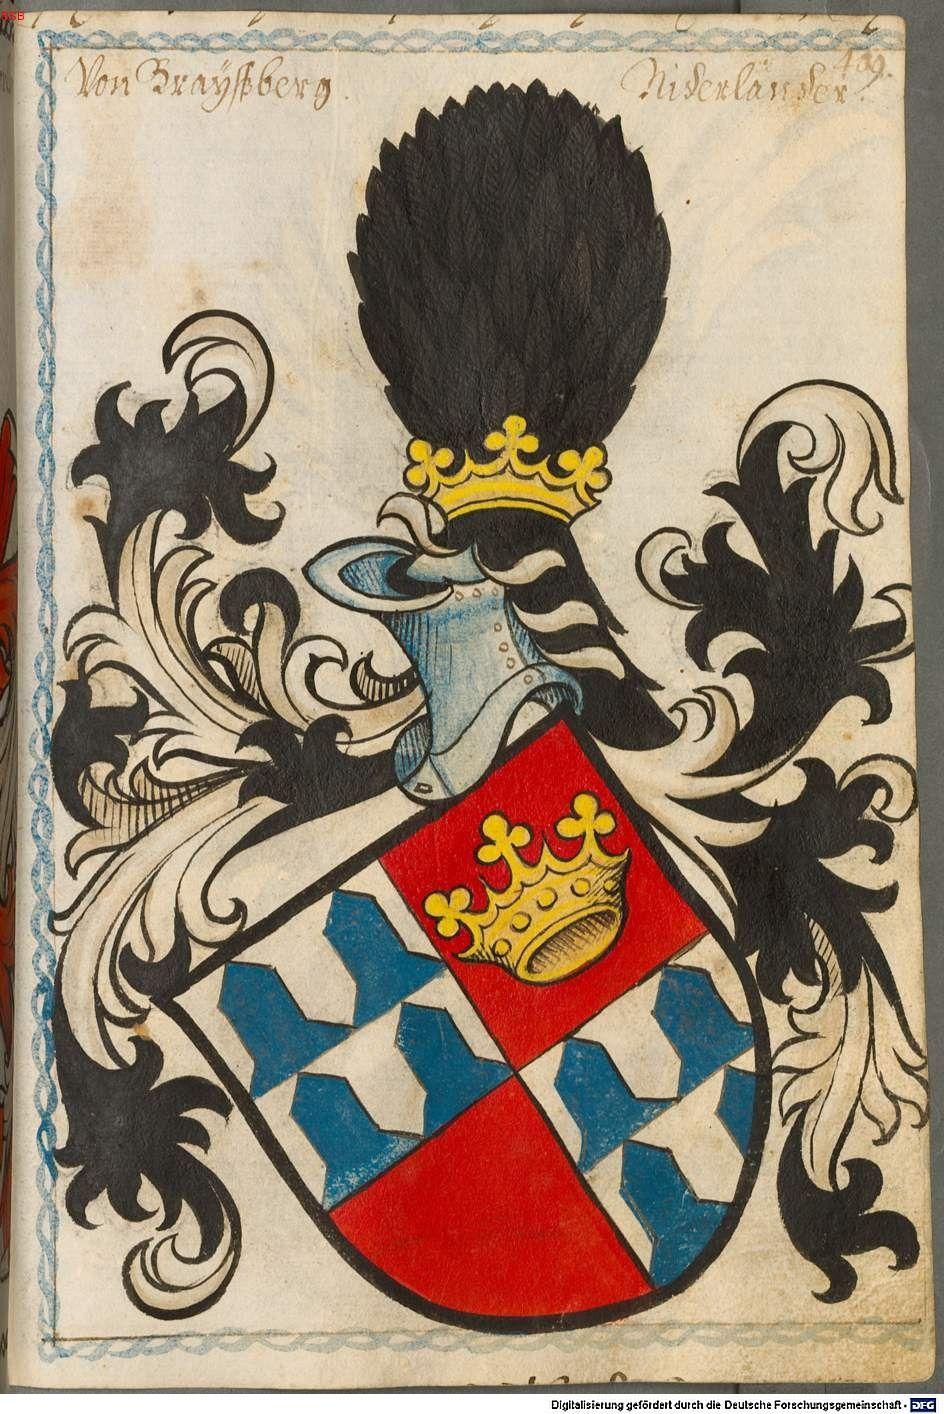 Scheibler'sches Wappenbuch Süddeutschland, um 1450 - 17. Jh. Cod.icon. 312 c  Folio 409